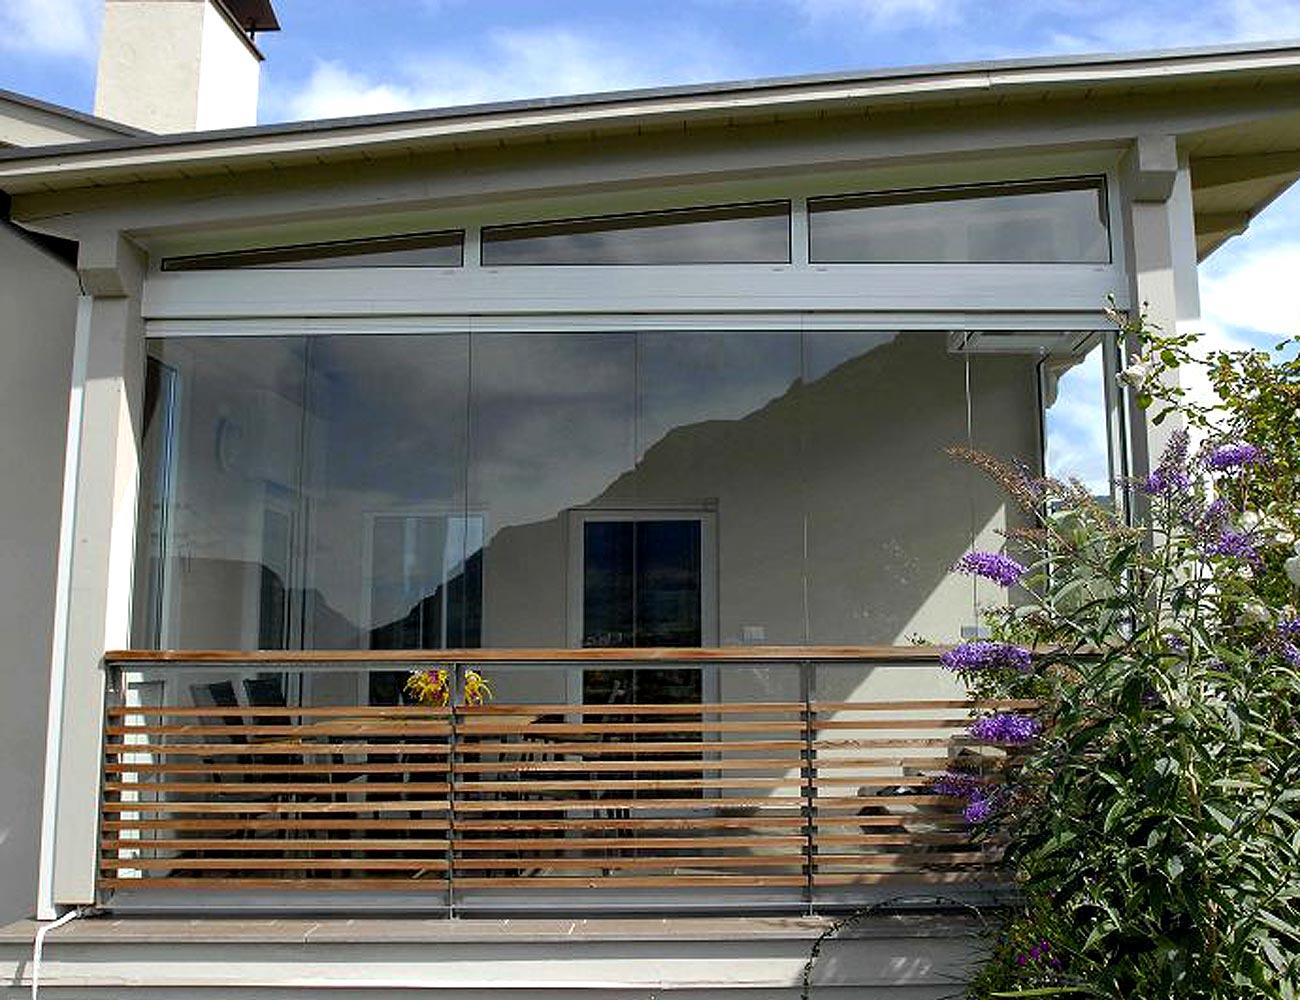 ebiasi-sitzplatzverglasung-balkonverglasung-5